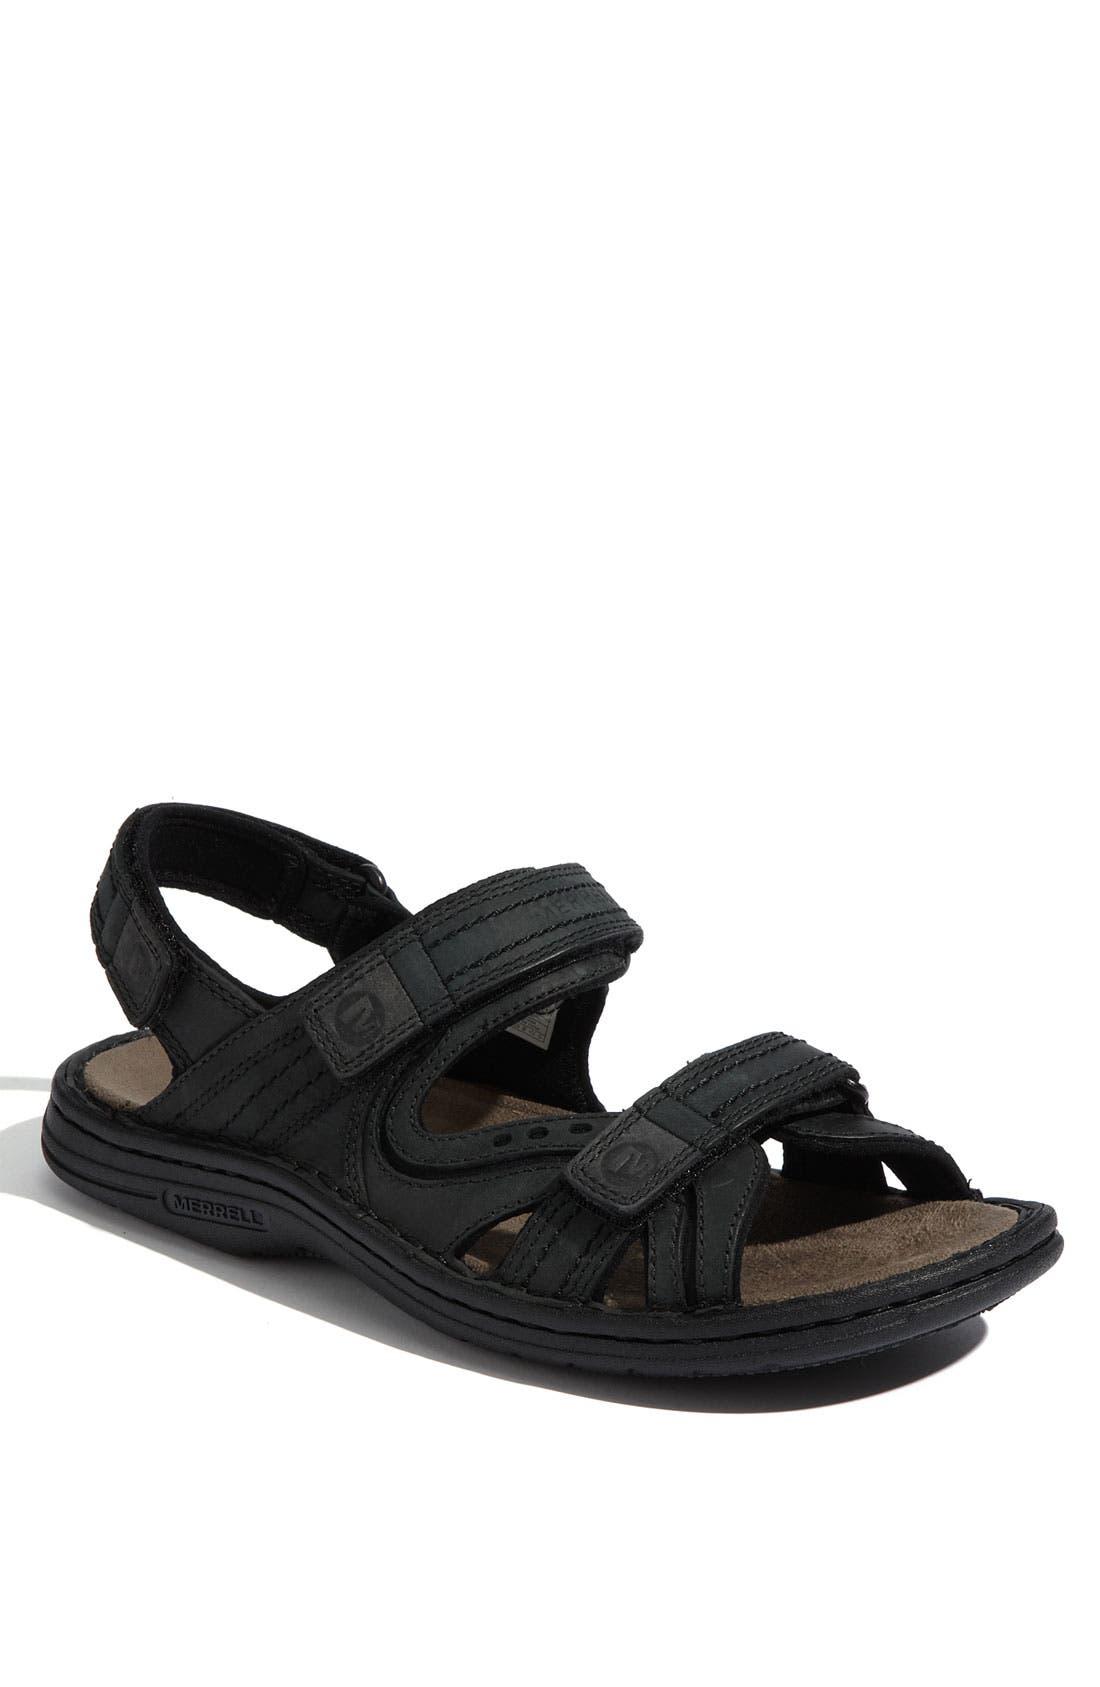 Alternate Image 1 Selected - Merrell 'World Impulse' Sandal (Men)